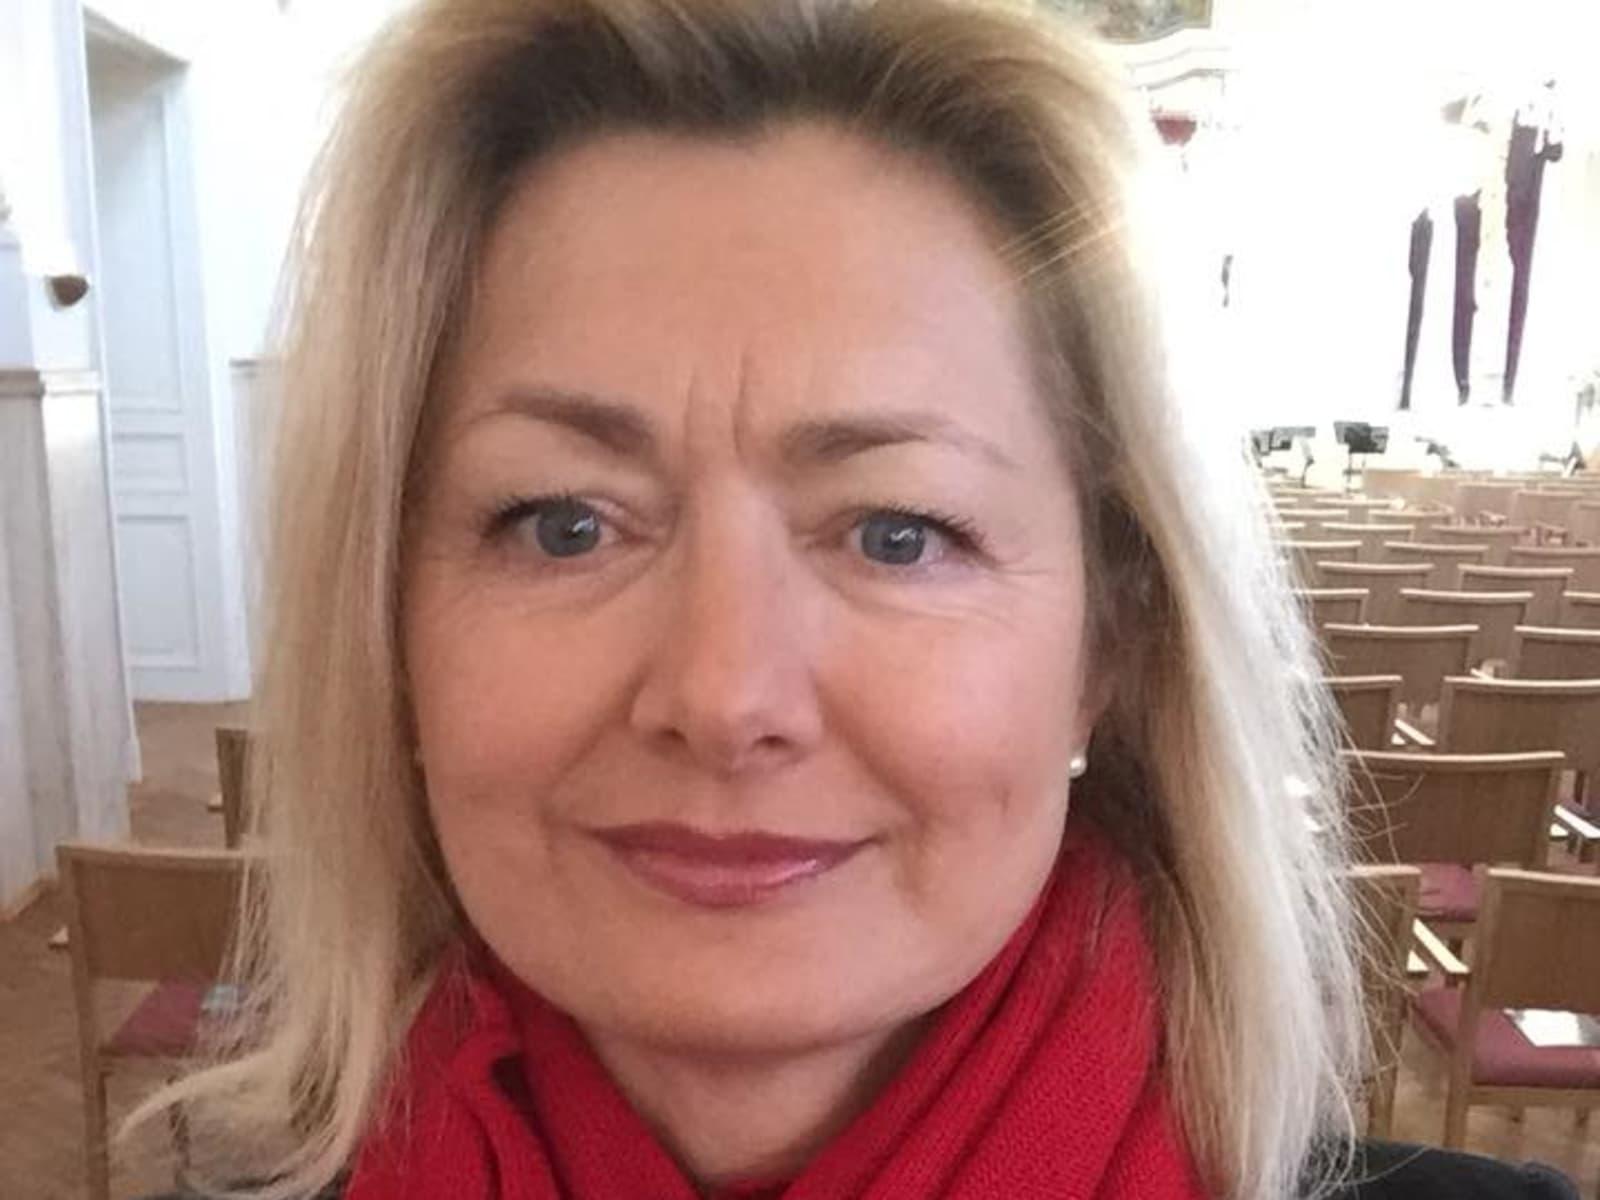 Verena from Graz, Austria